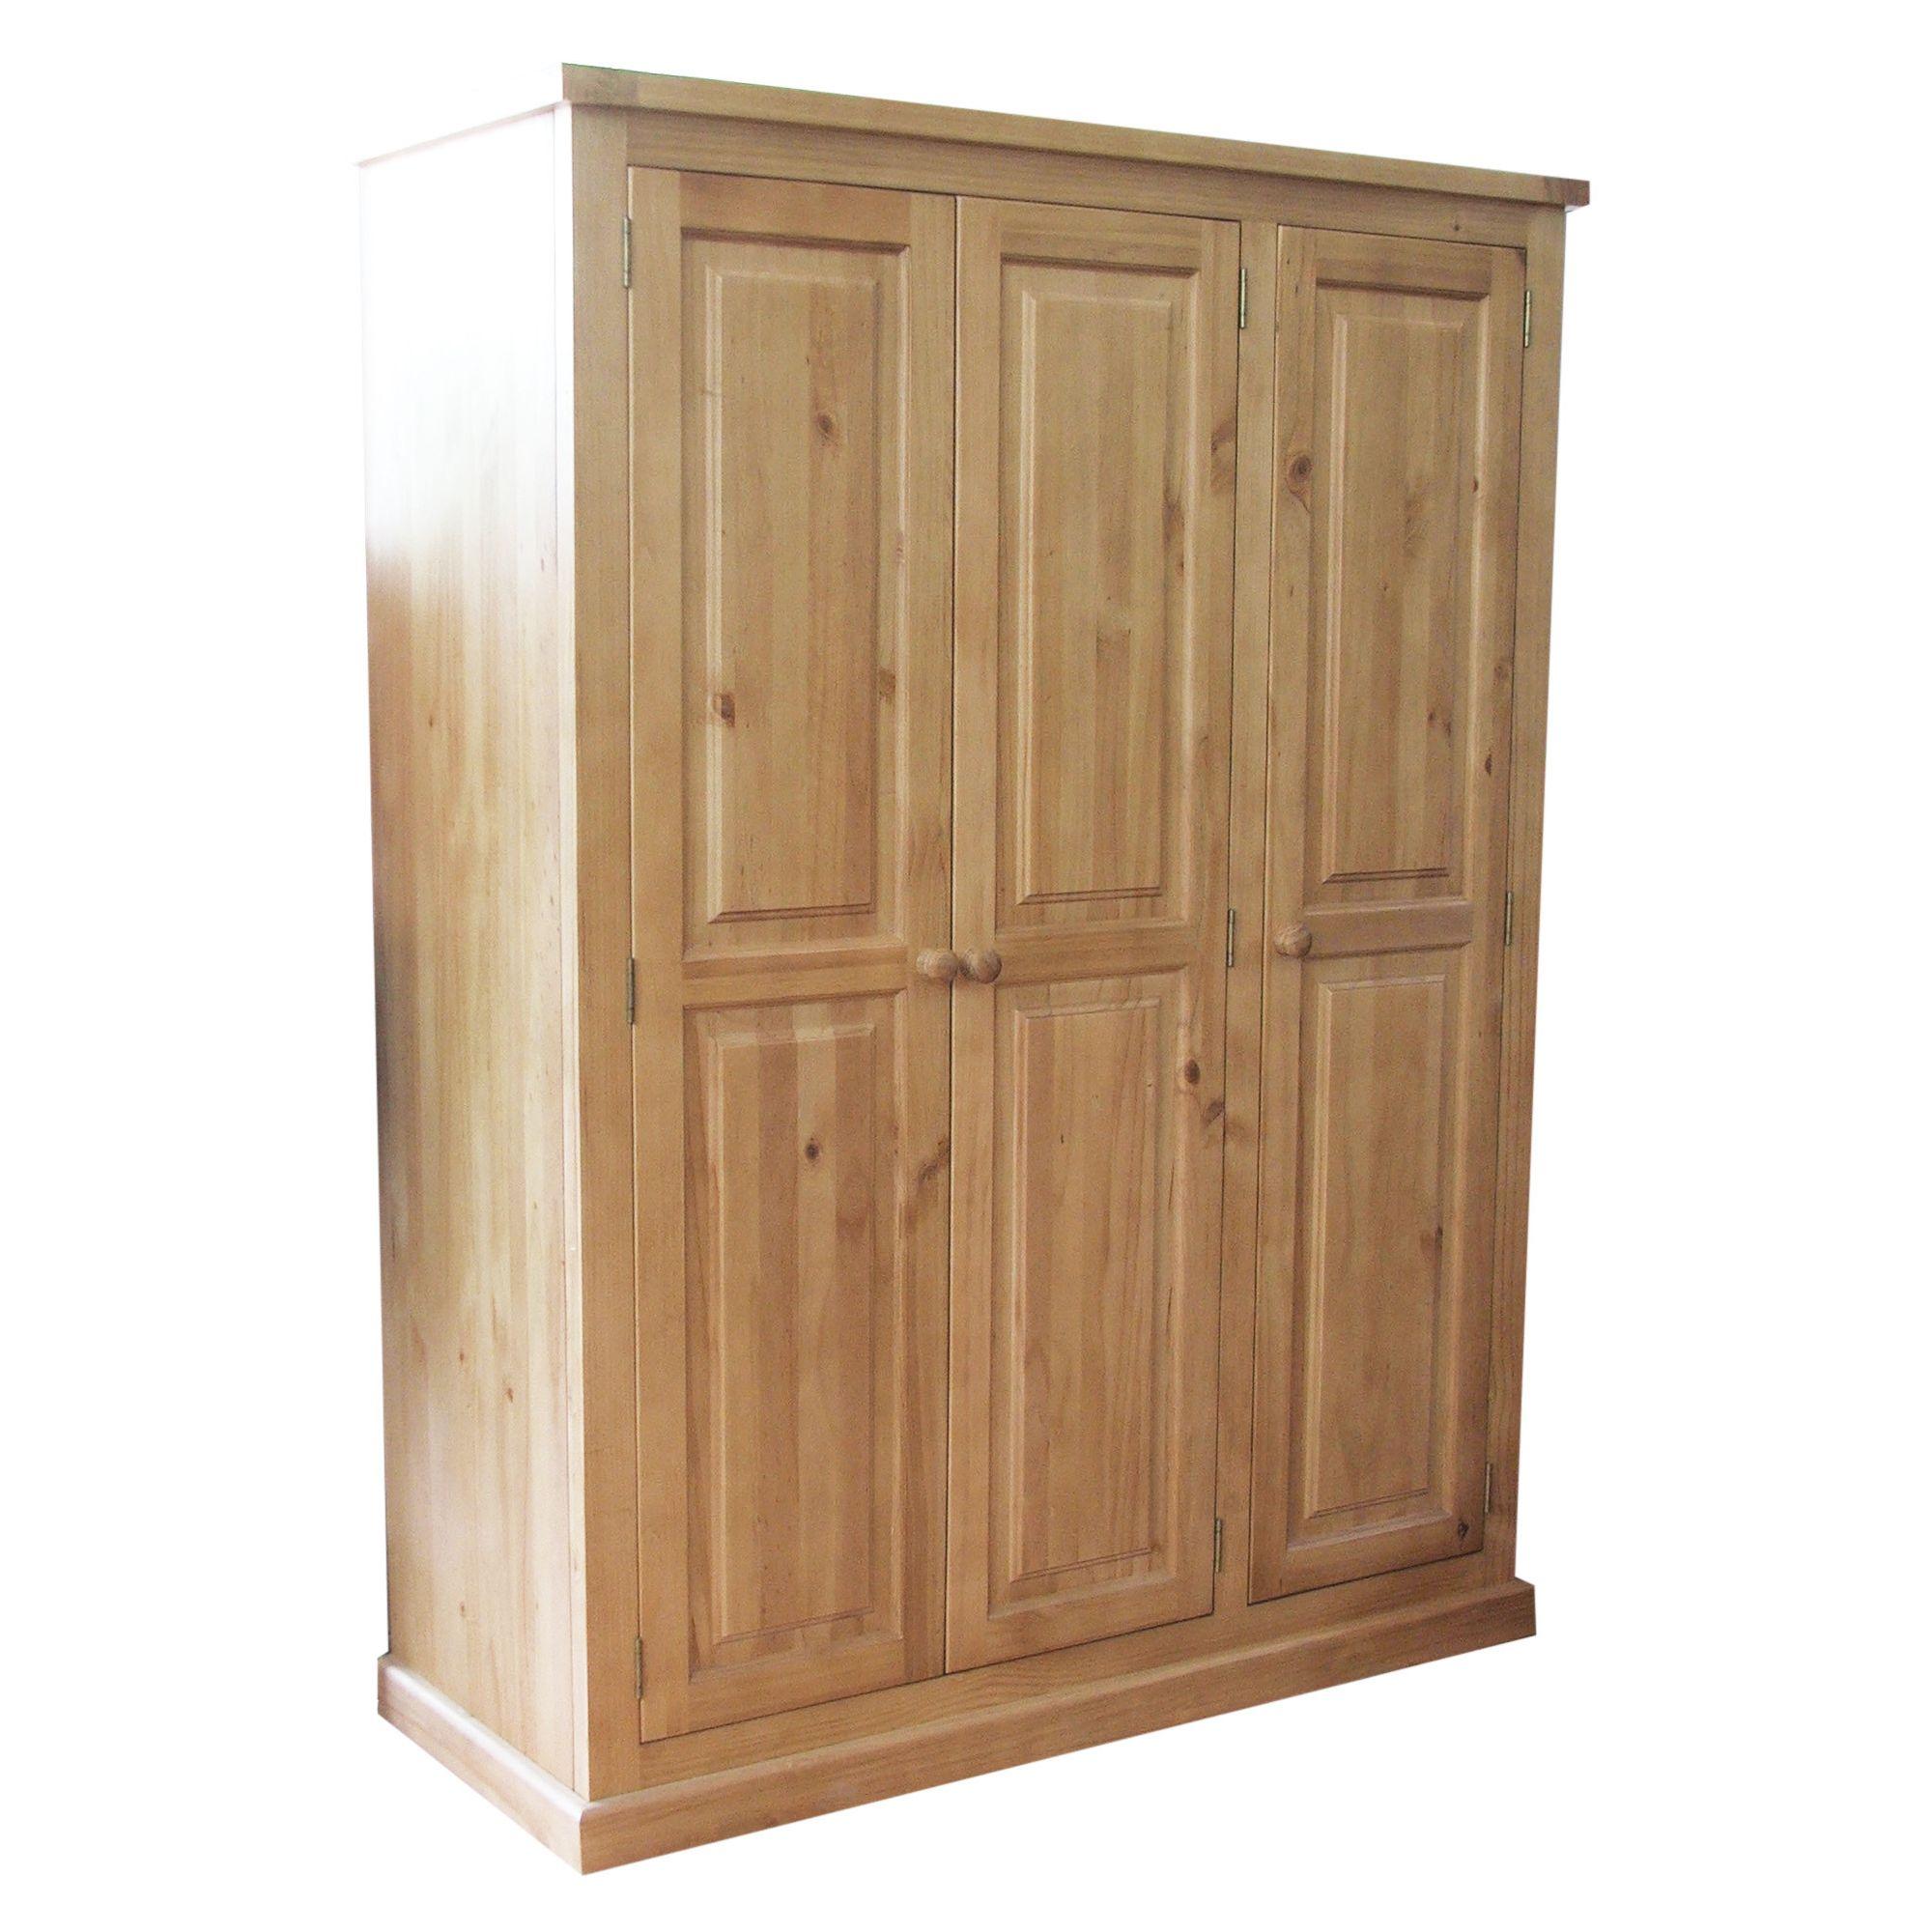 Thorndon Kempton Bedroom 3 Door Wardrobe in Pine at Tesco Direct